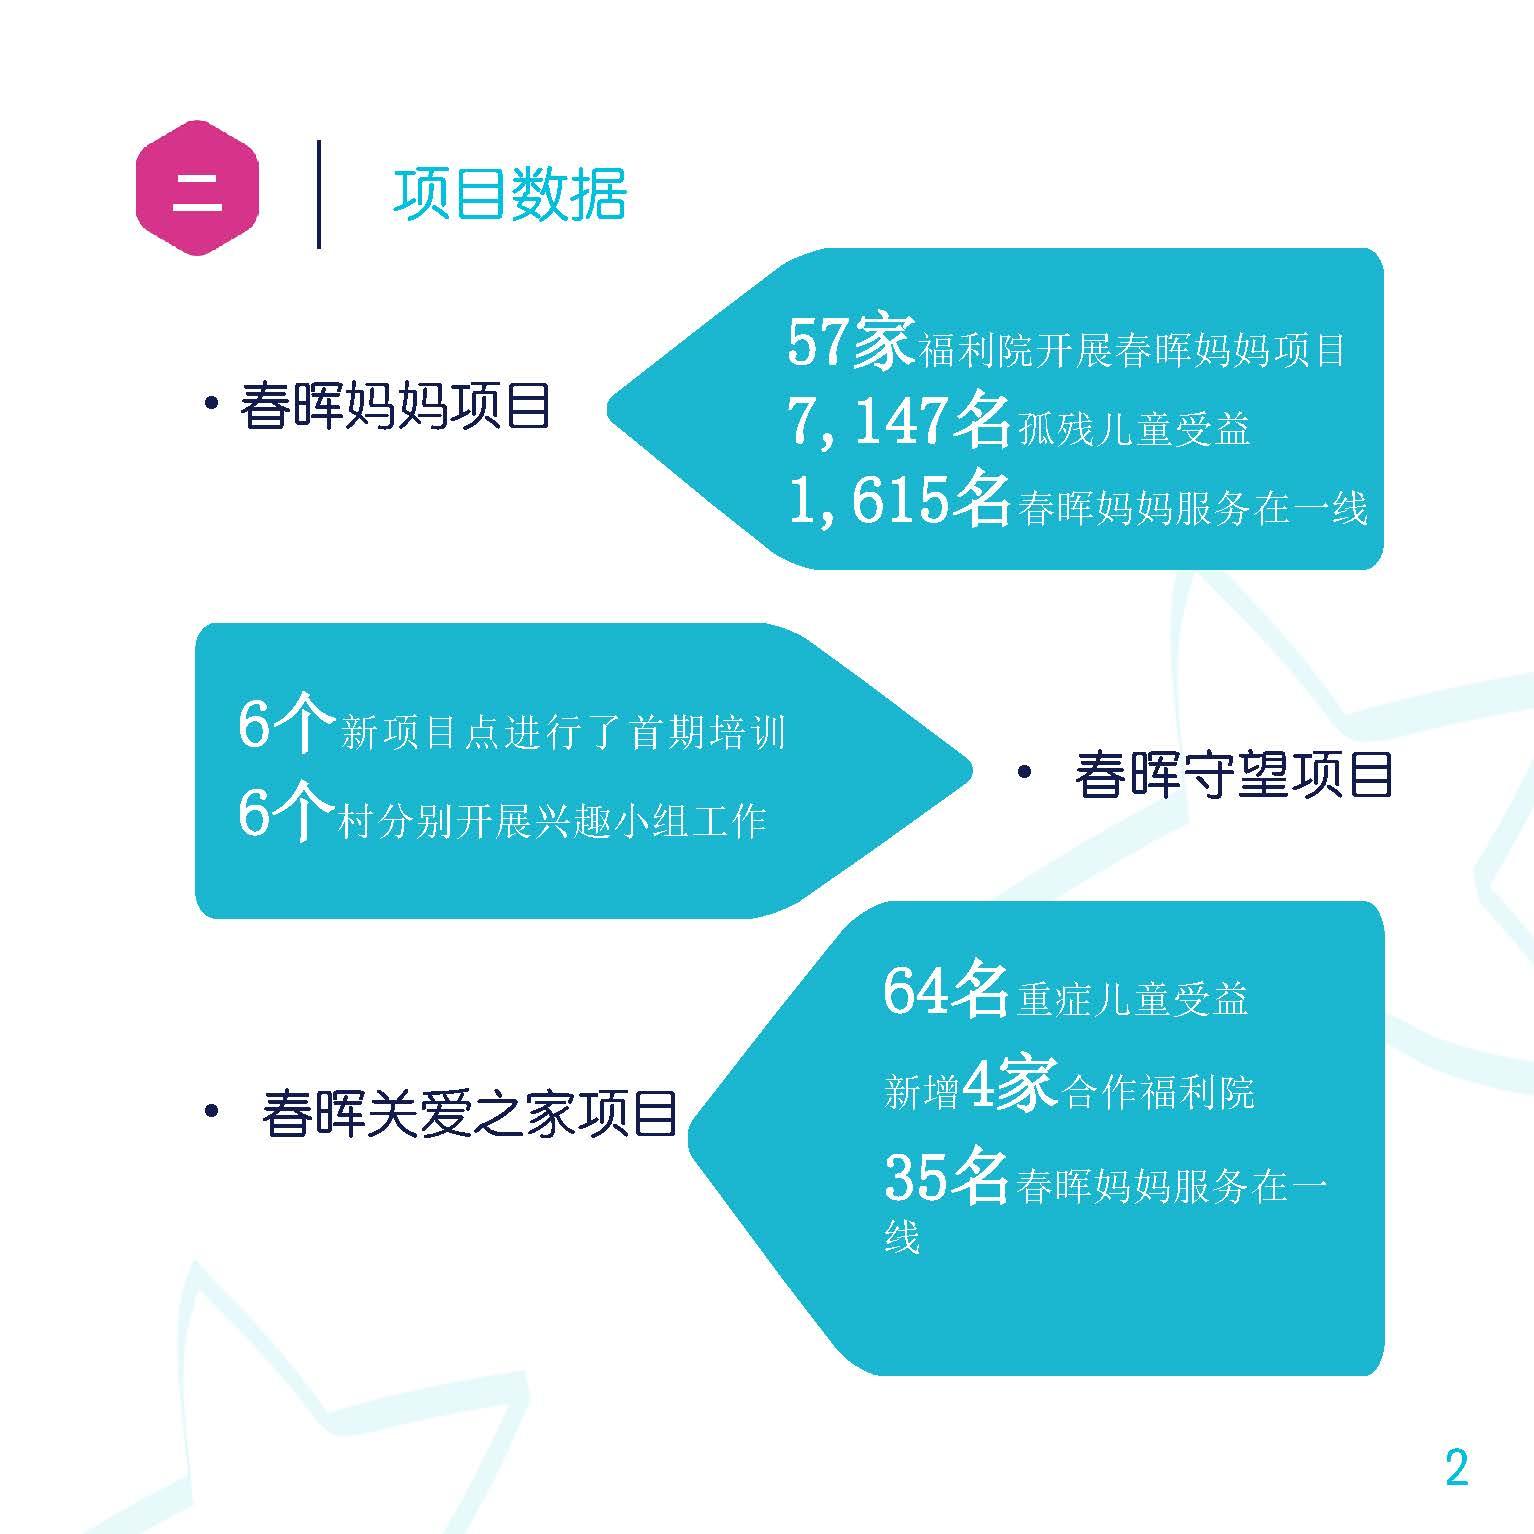 第三季度简讯(20191106-VF)_页面_04.jpg